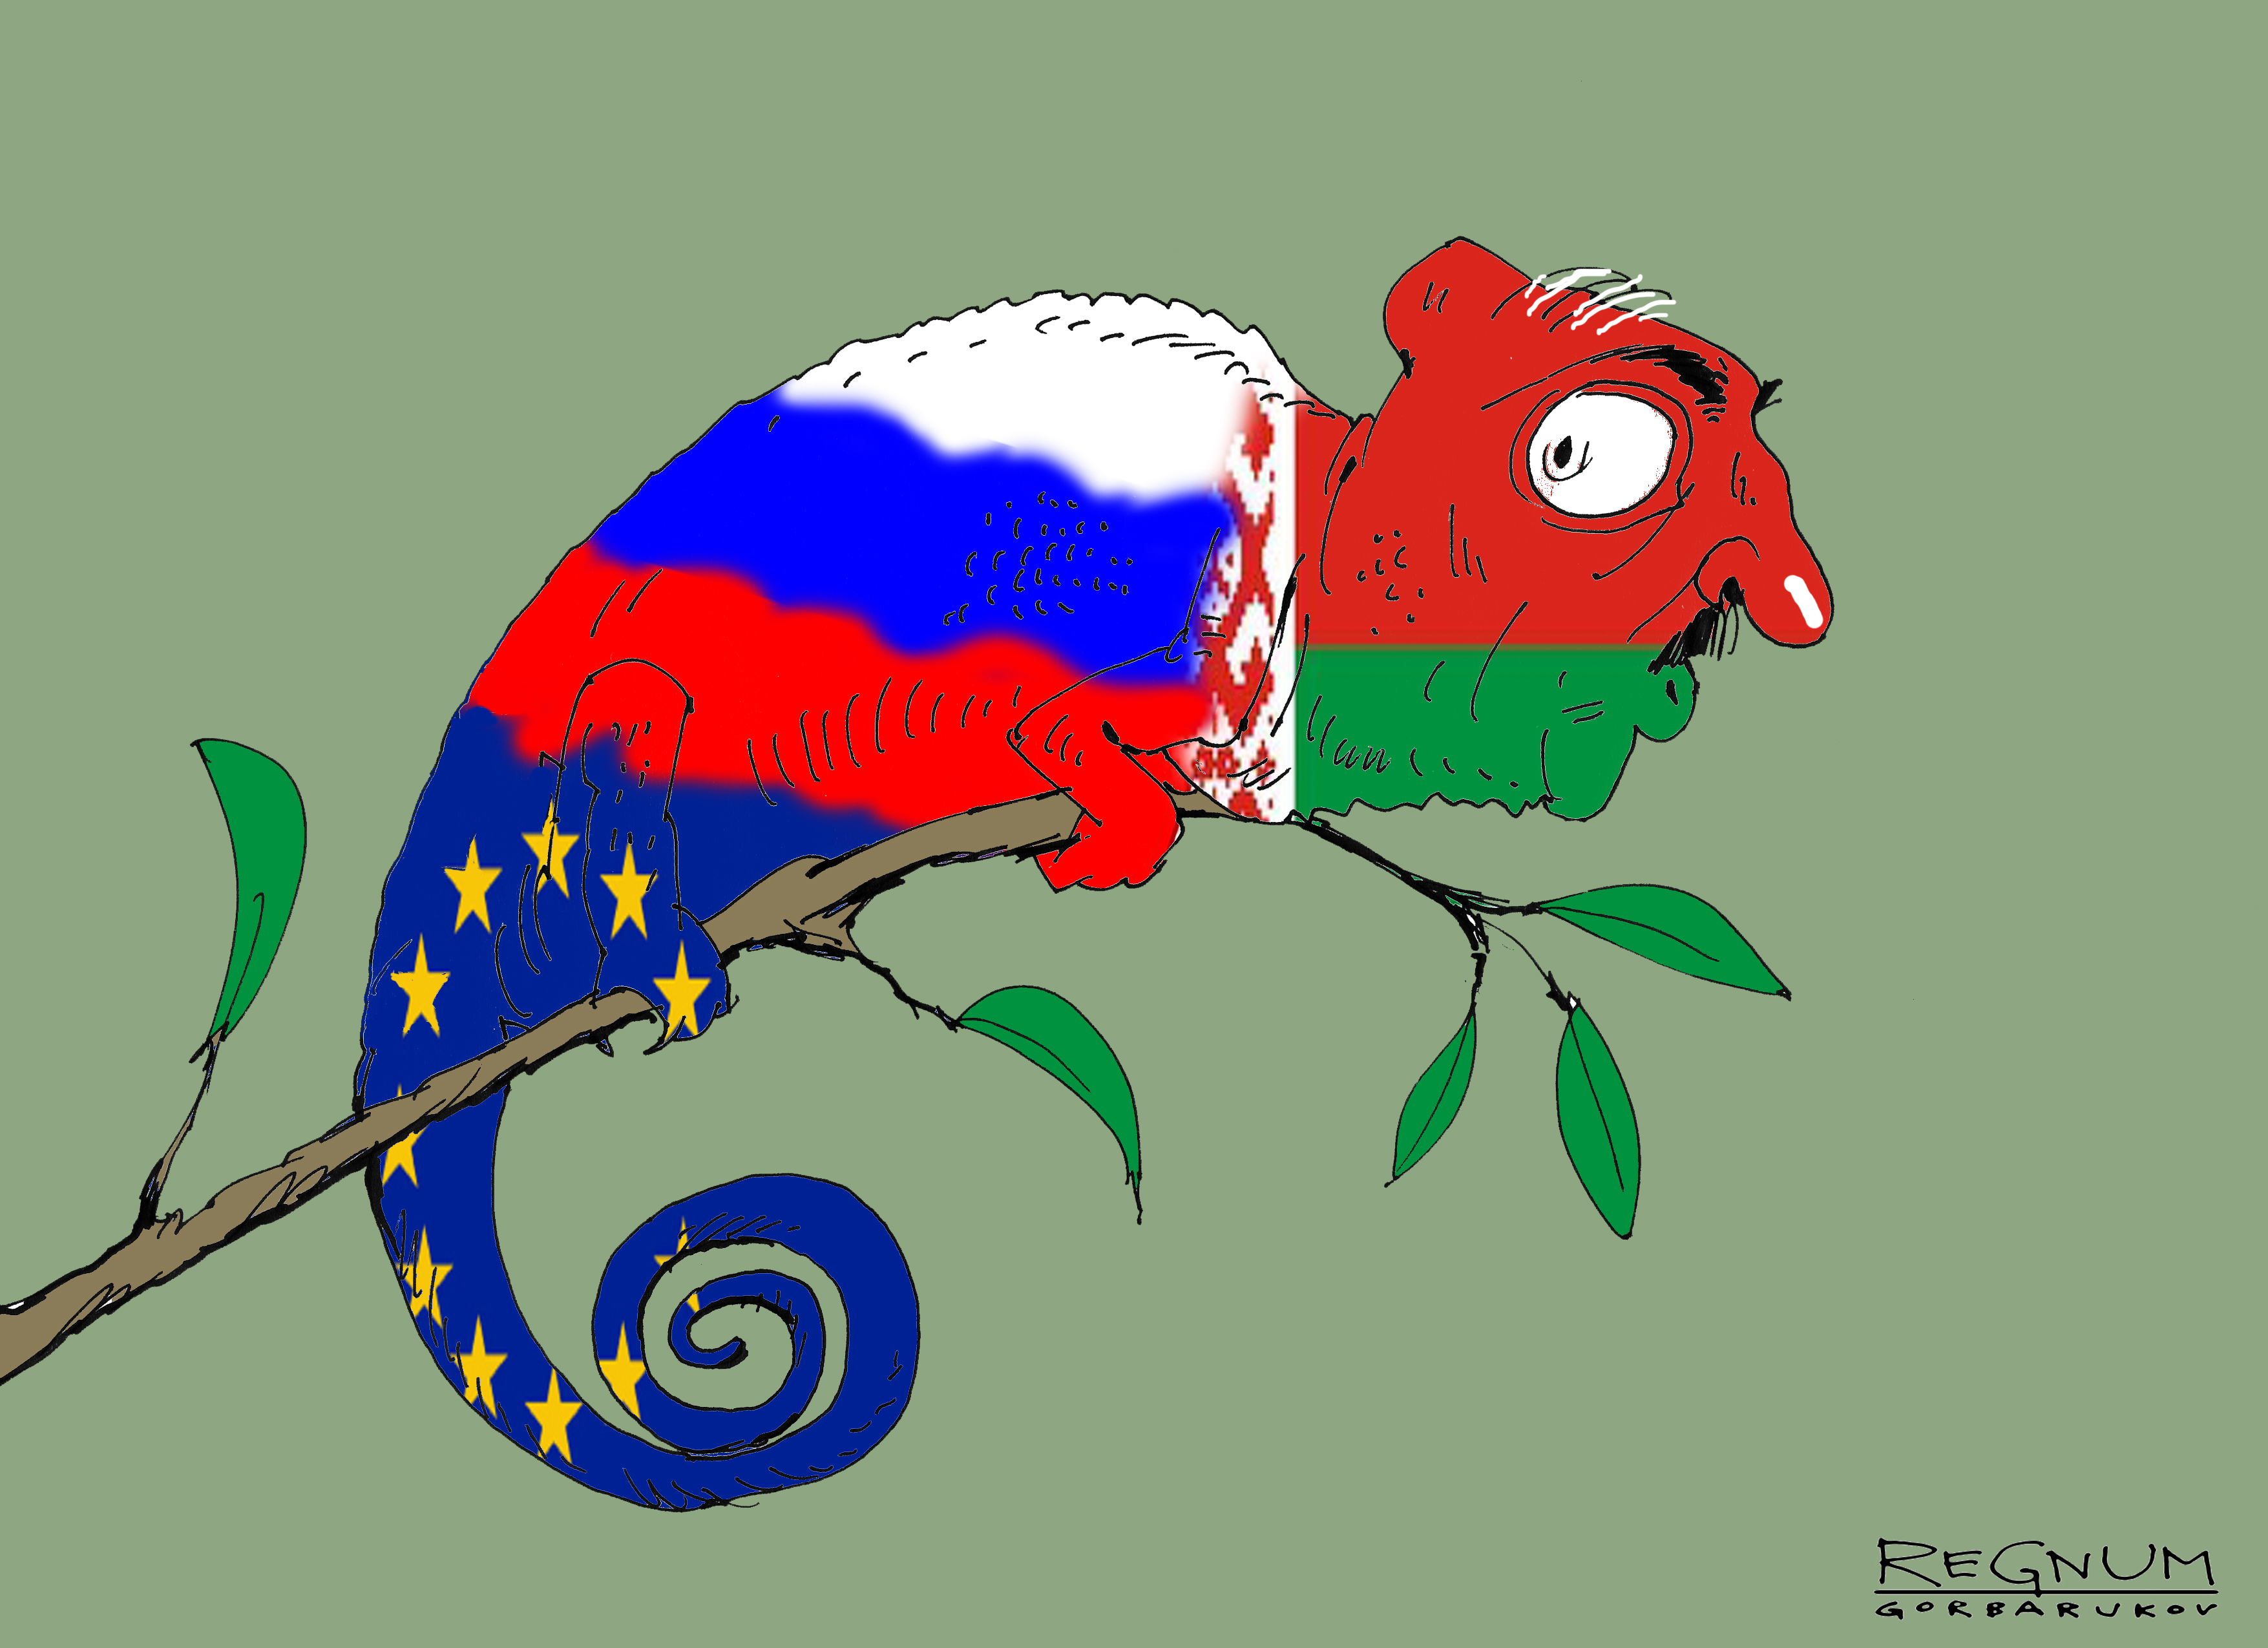 Союзное государство, ЕС и обоюдосоюзный хамелеон